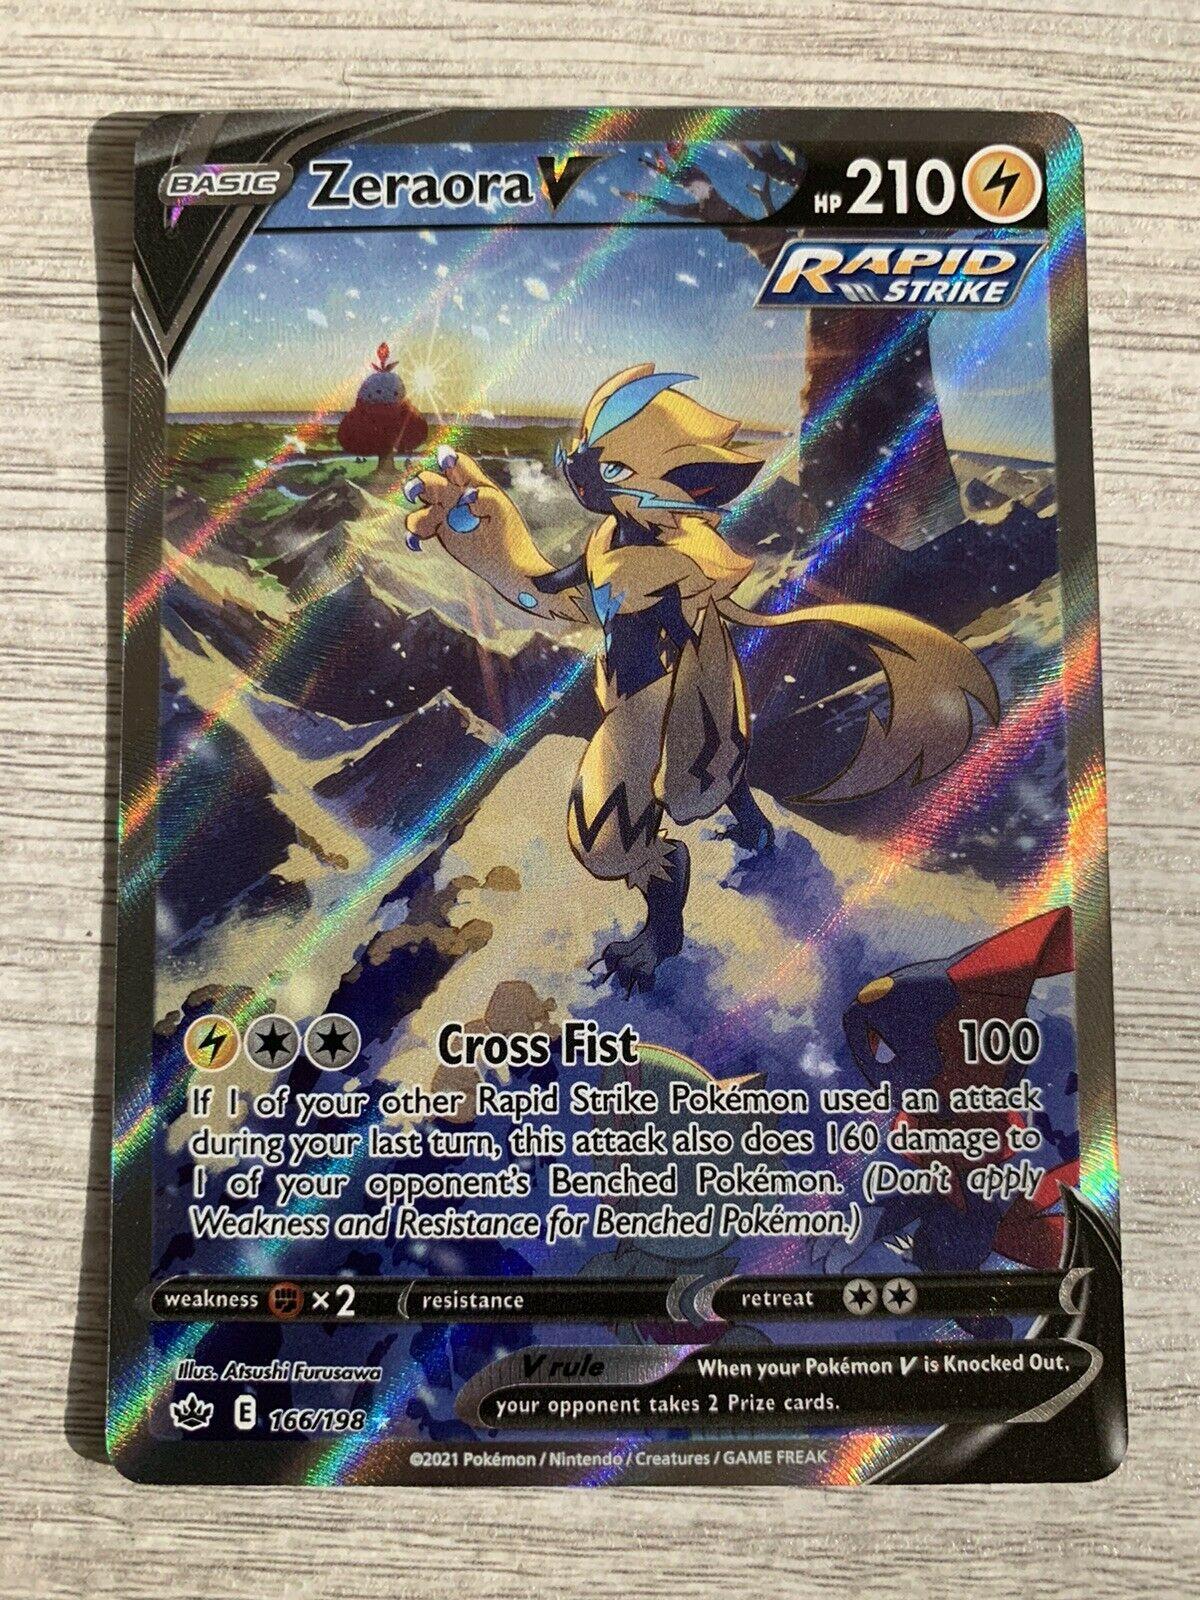 Pokémon TCG Chilling Reign Zeraora V(Alternate Full Art) Ultra Rare Mint 166/198